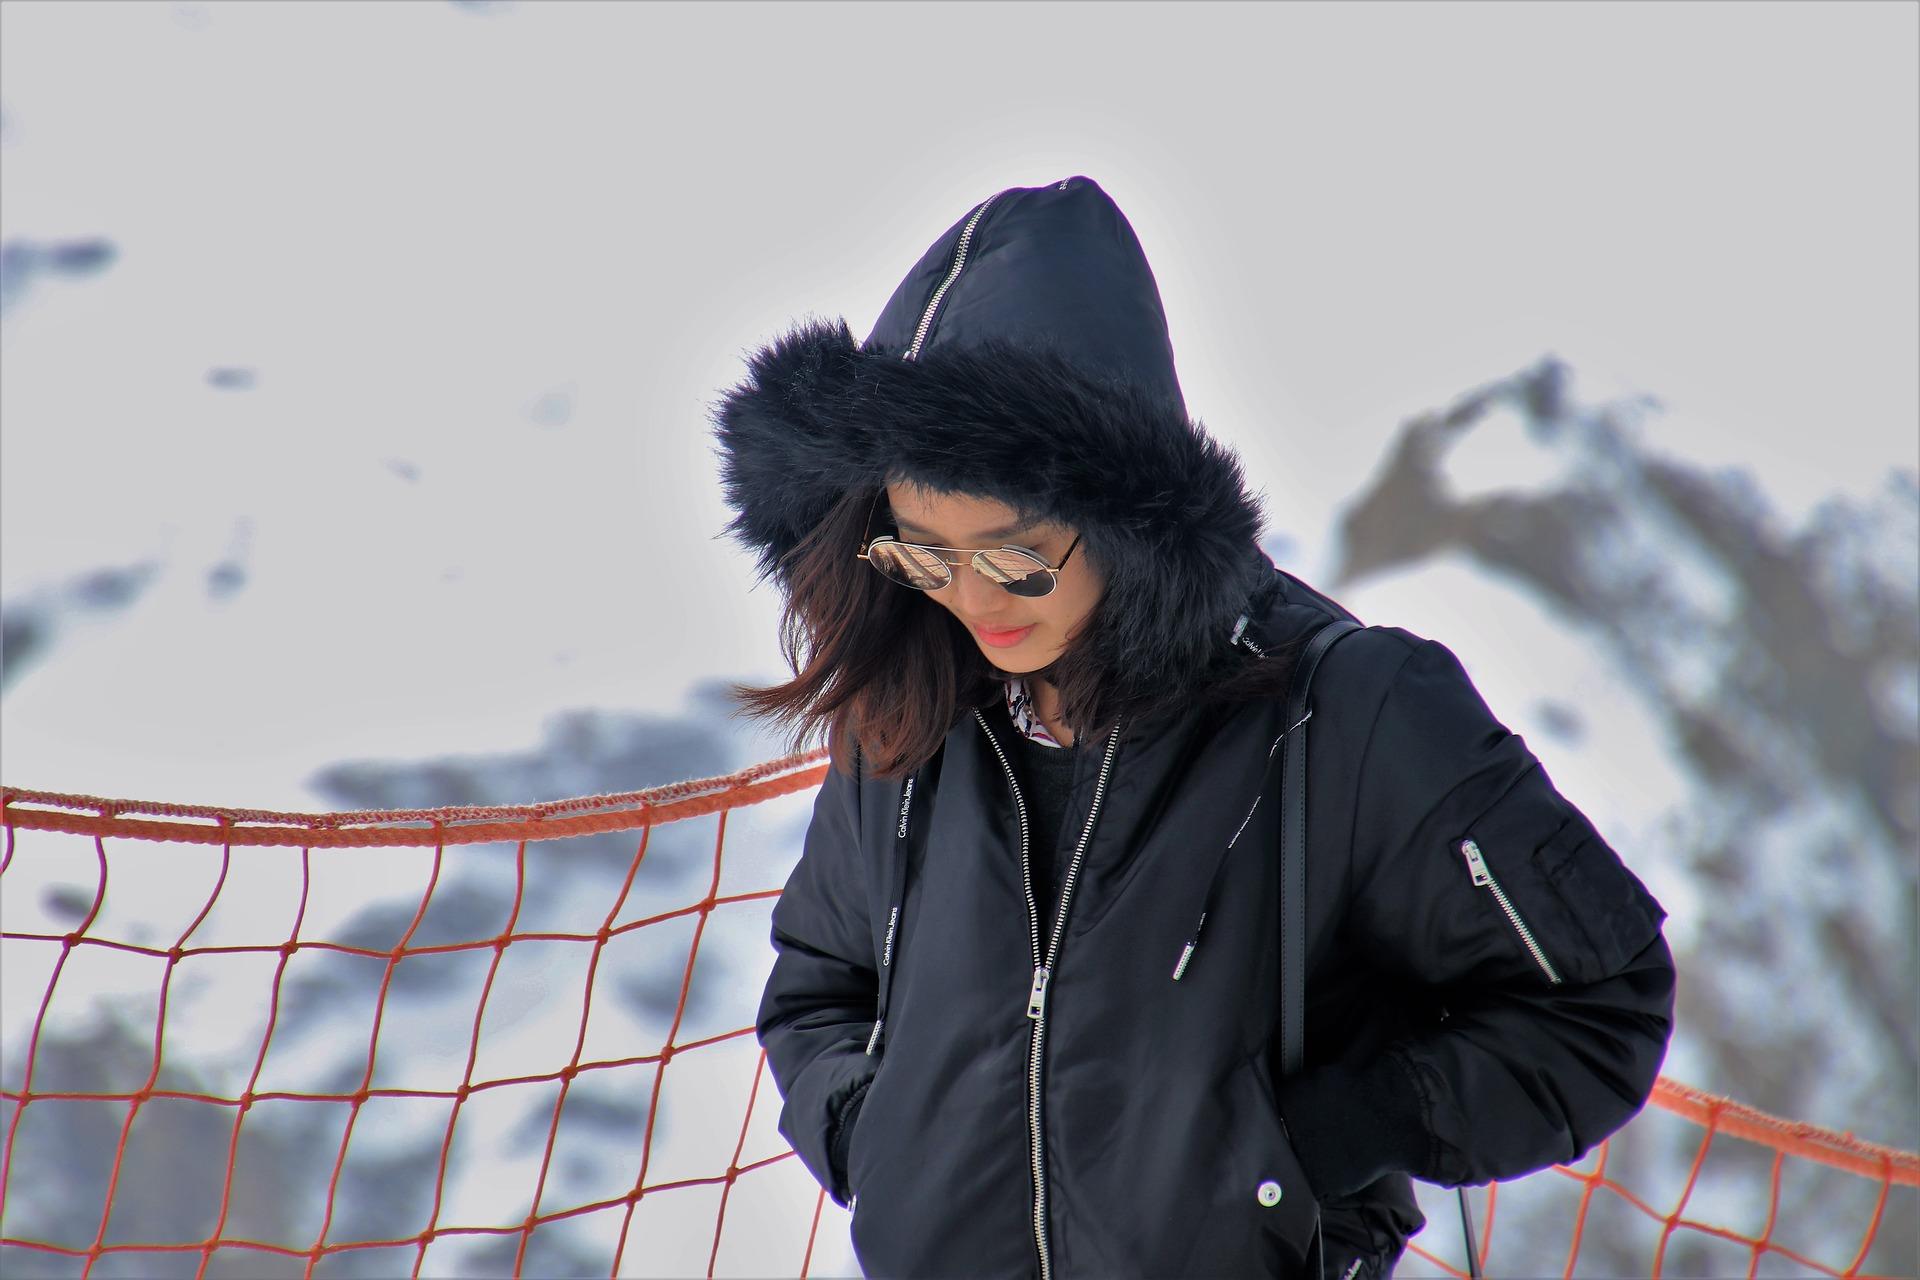 Disfruta de la nieve